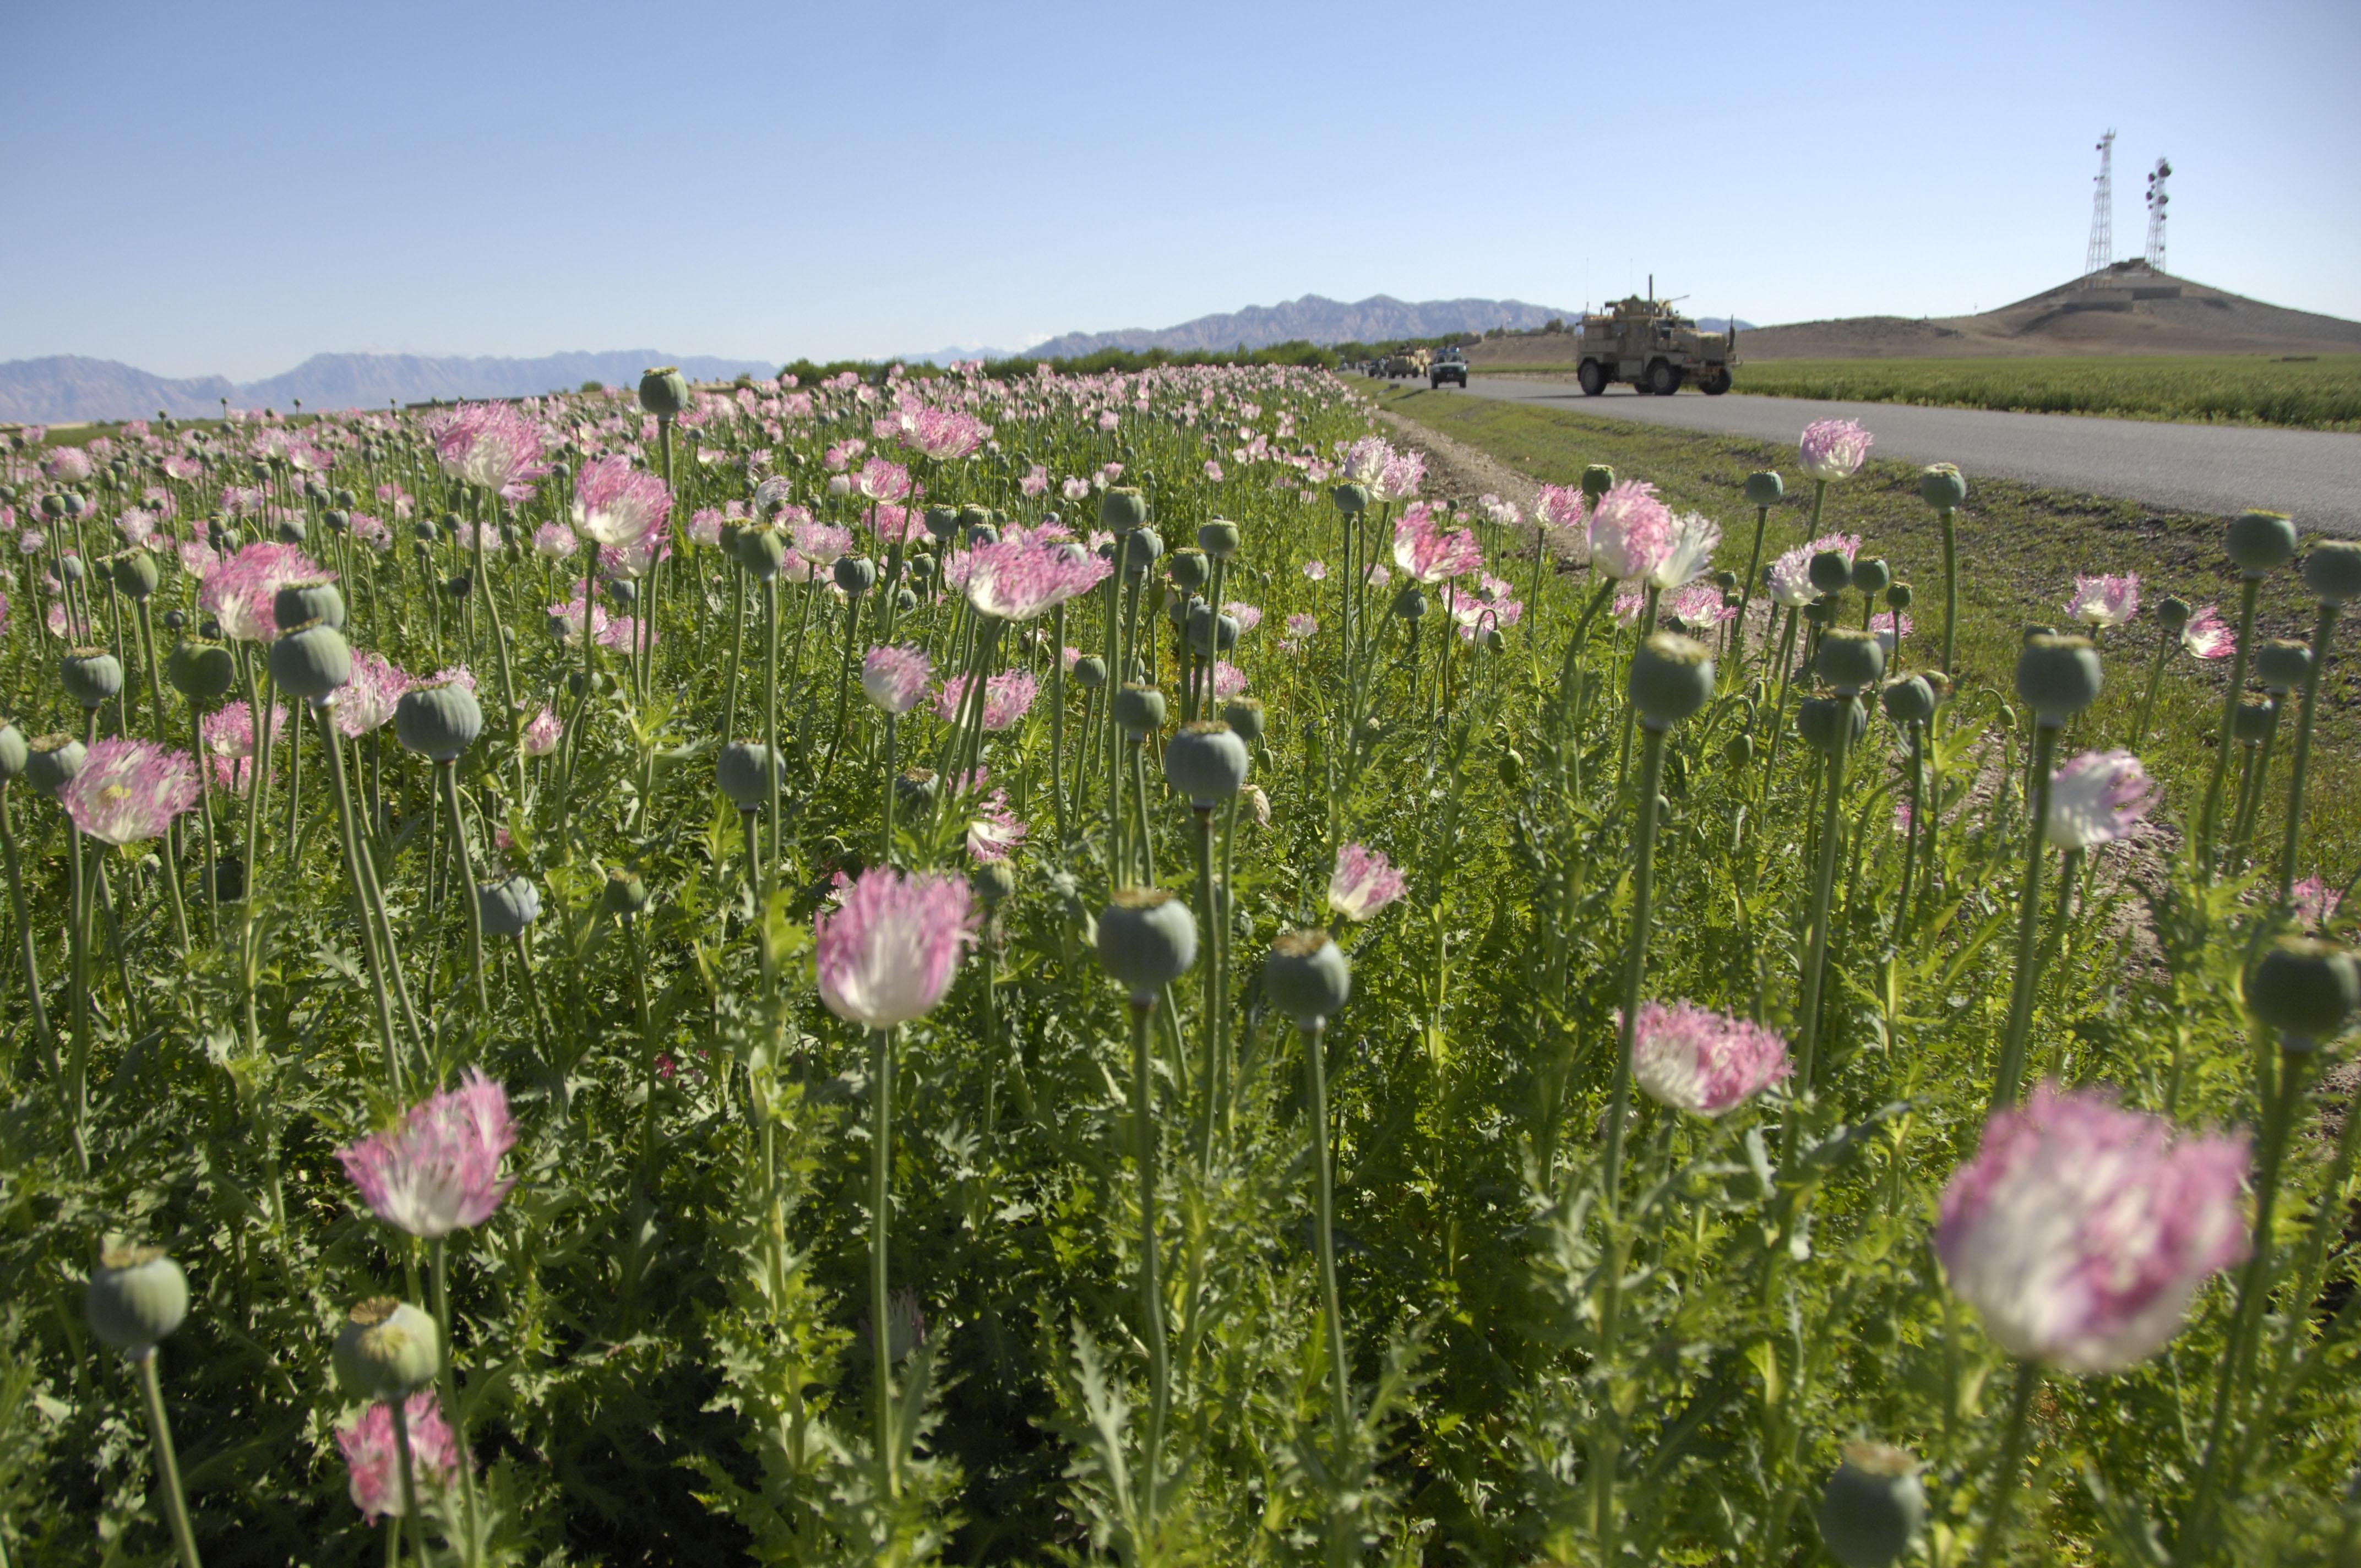 opium-field-afghanistan-pink-flower